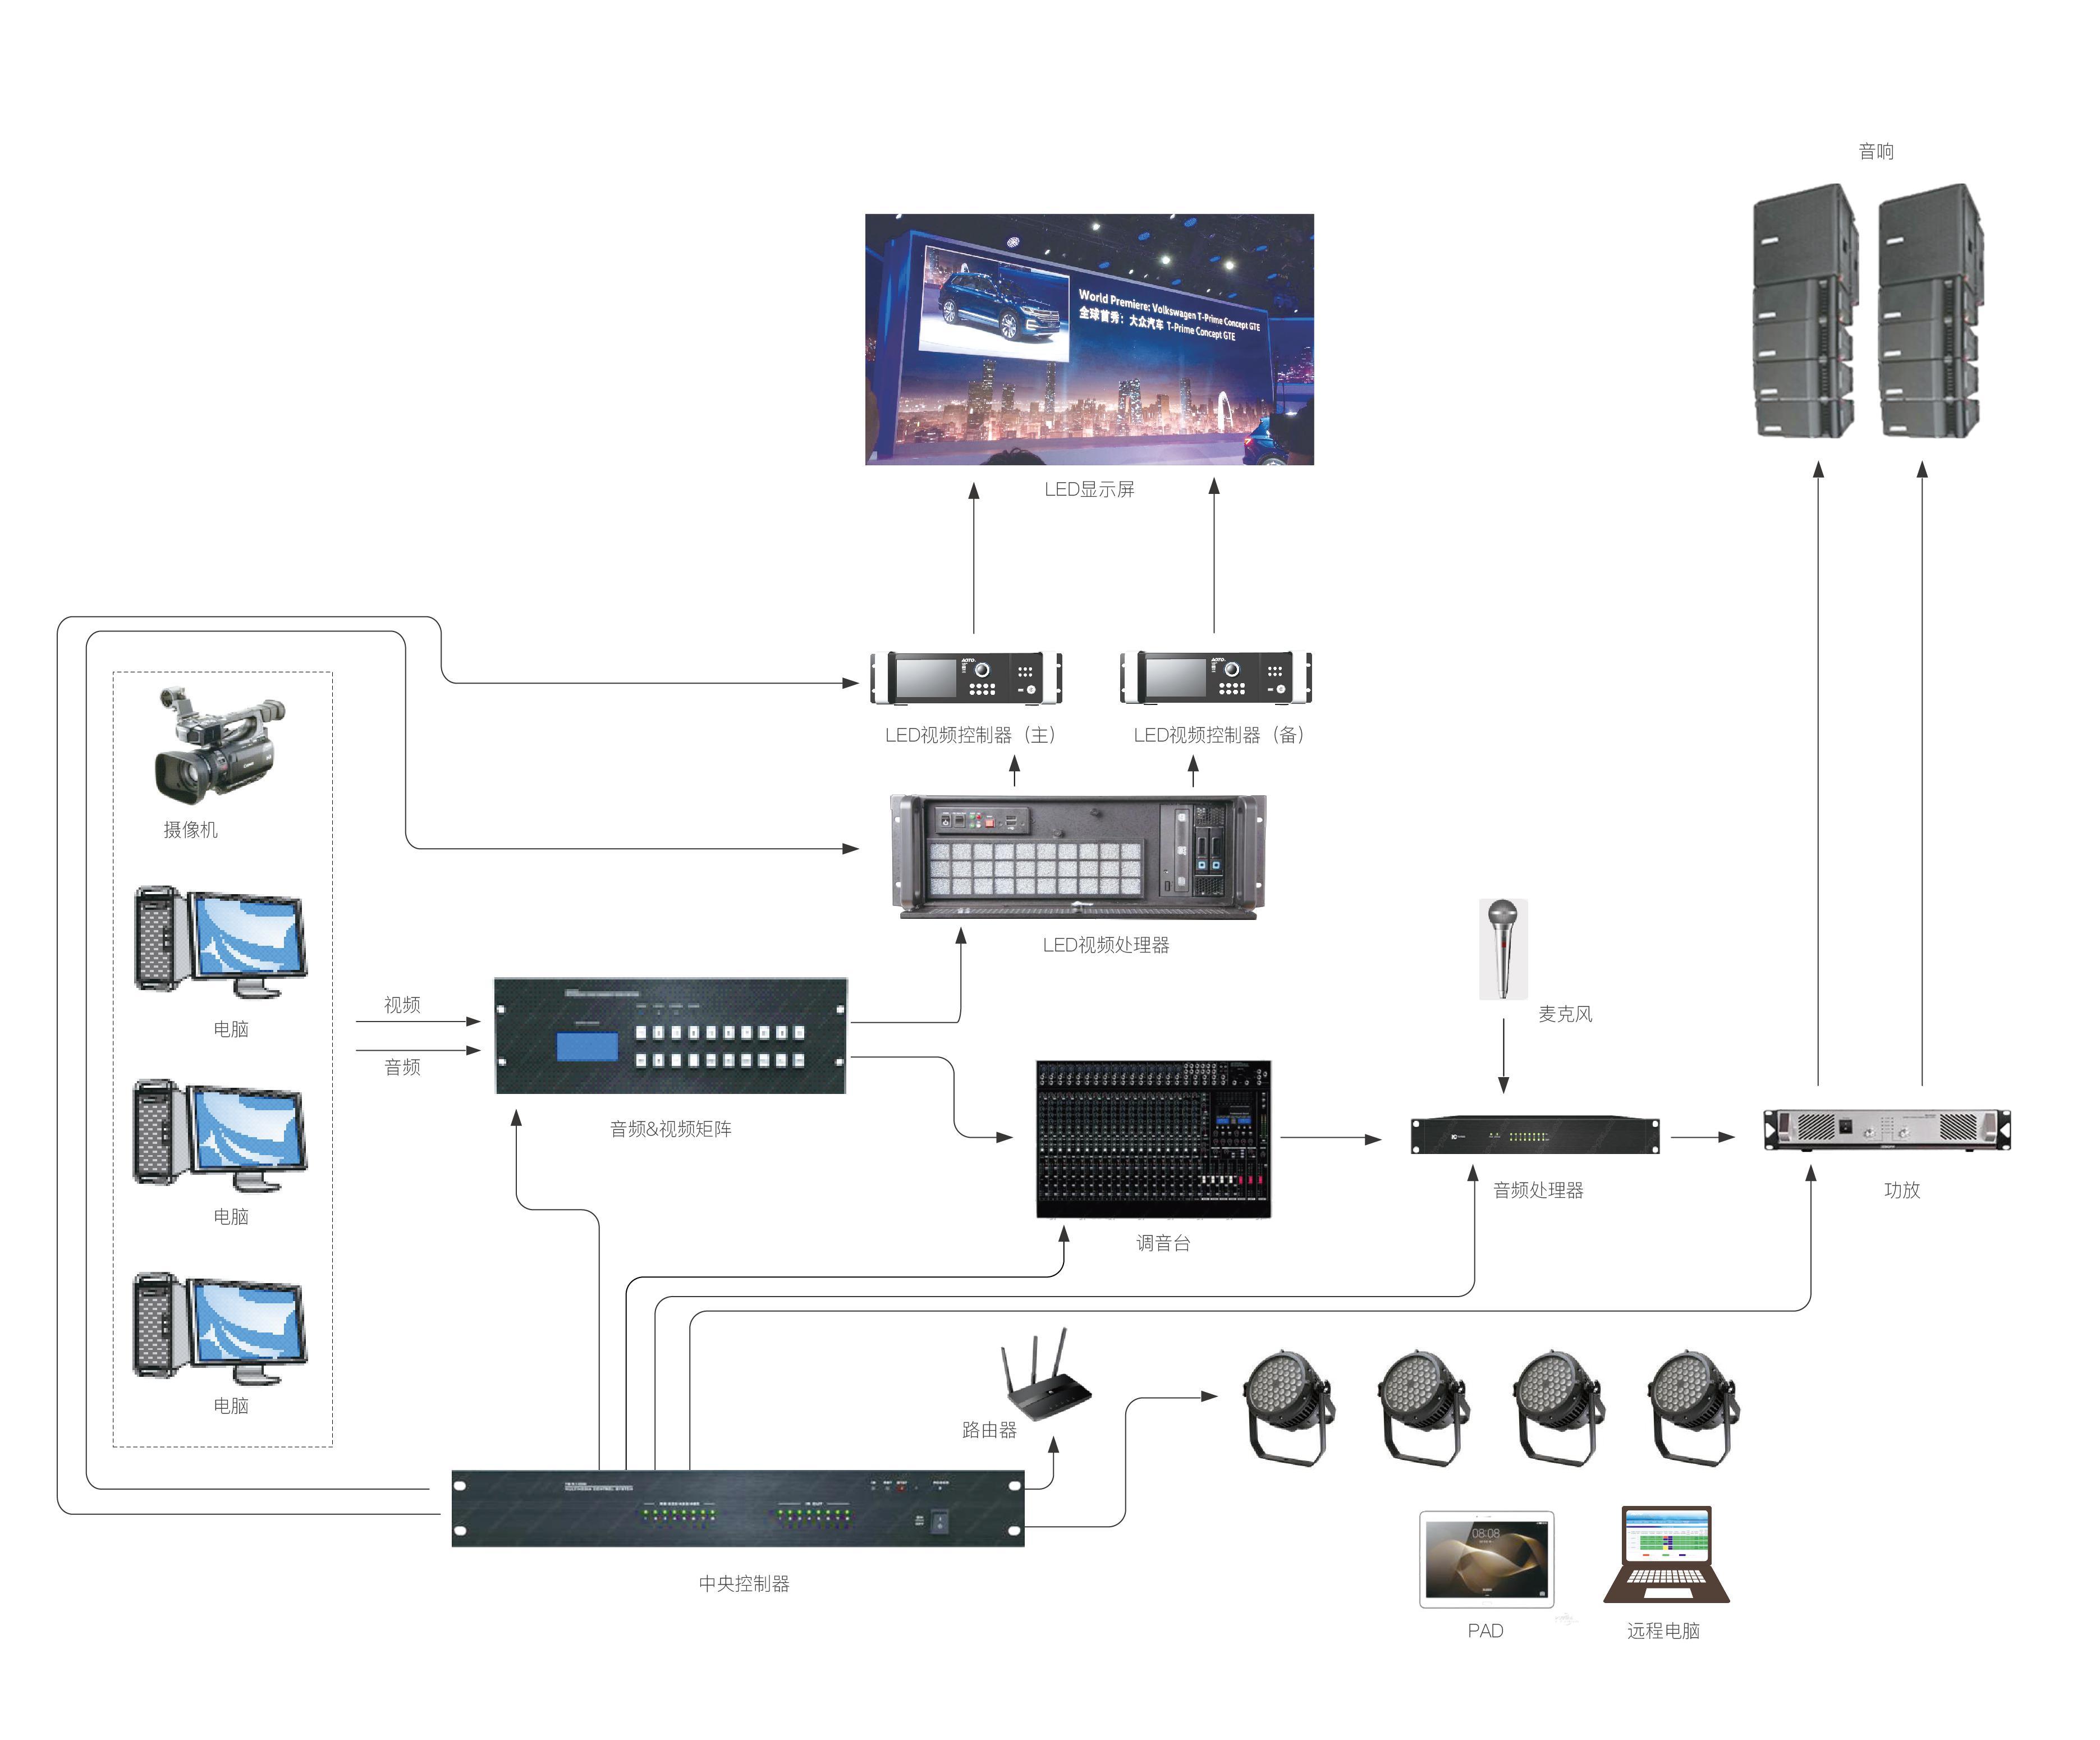 德润赛尔舞台租赁LED显示屏解决方案示意图,舞台租赁LED显示屏解决方案示意图,租赁LED显示屏解决方案示意图